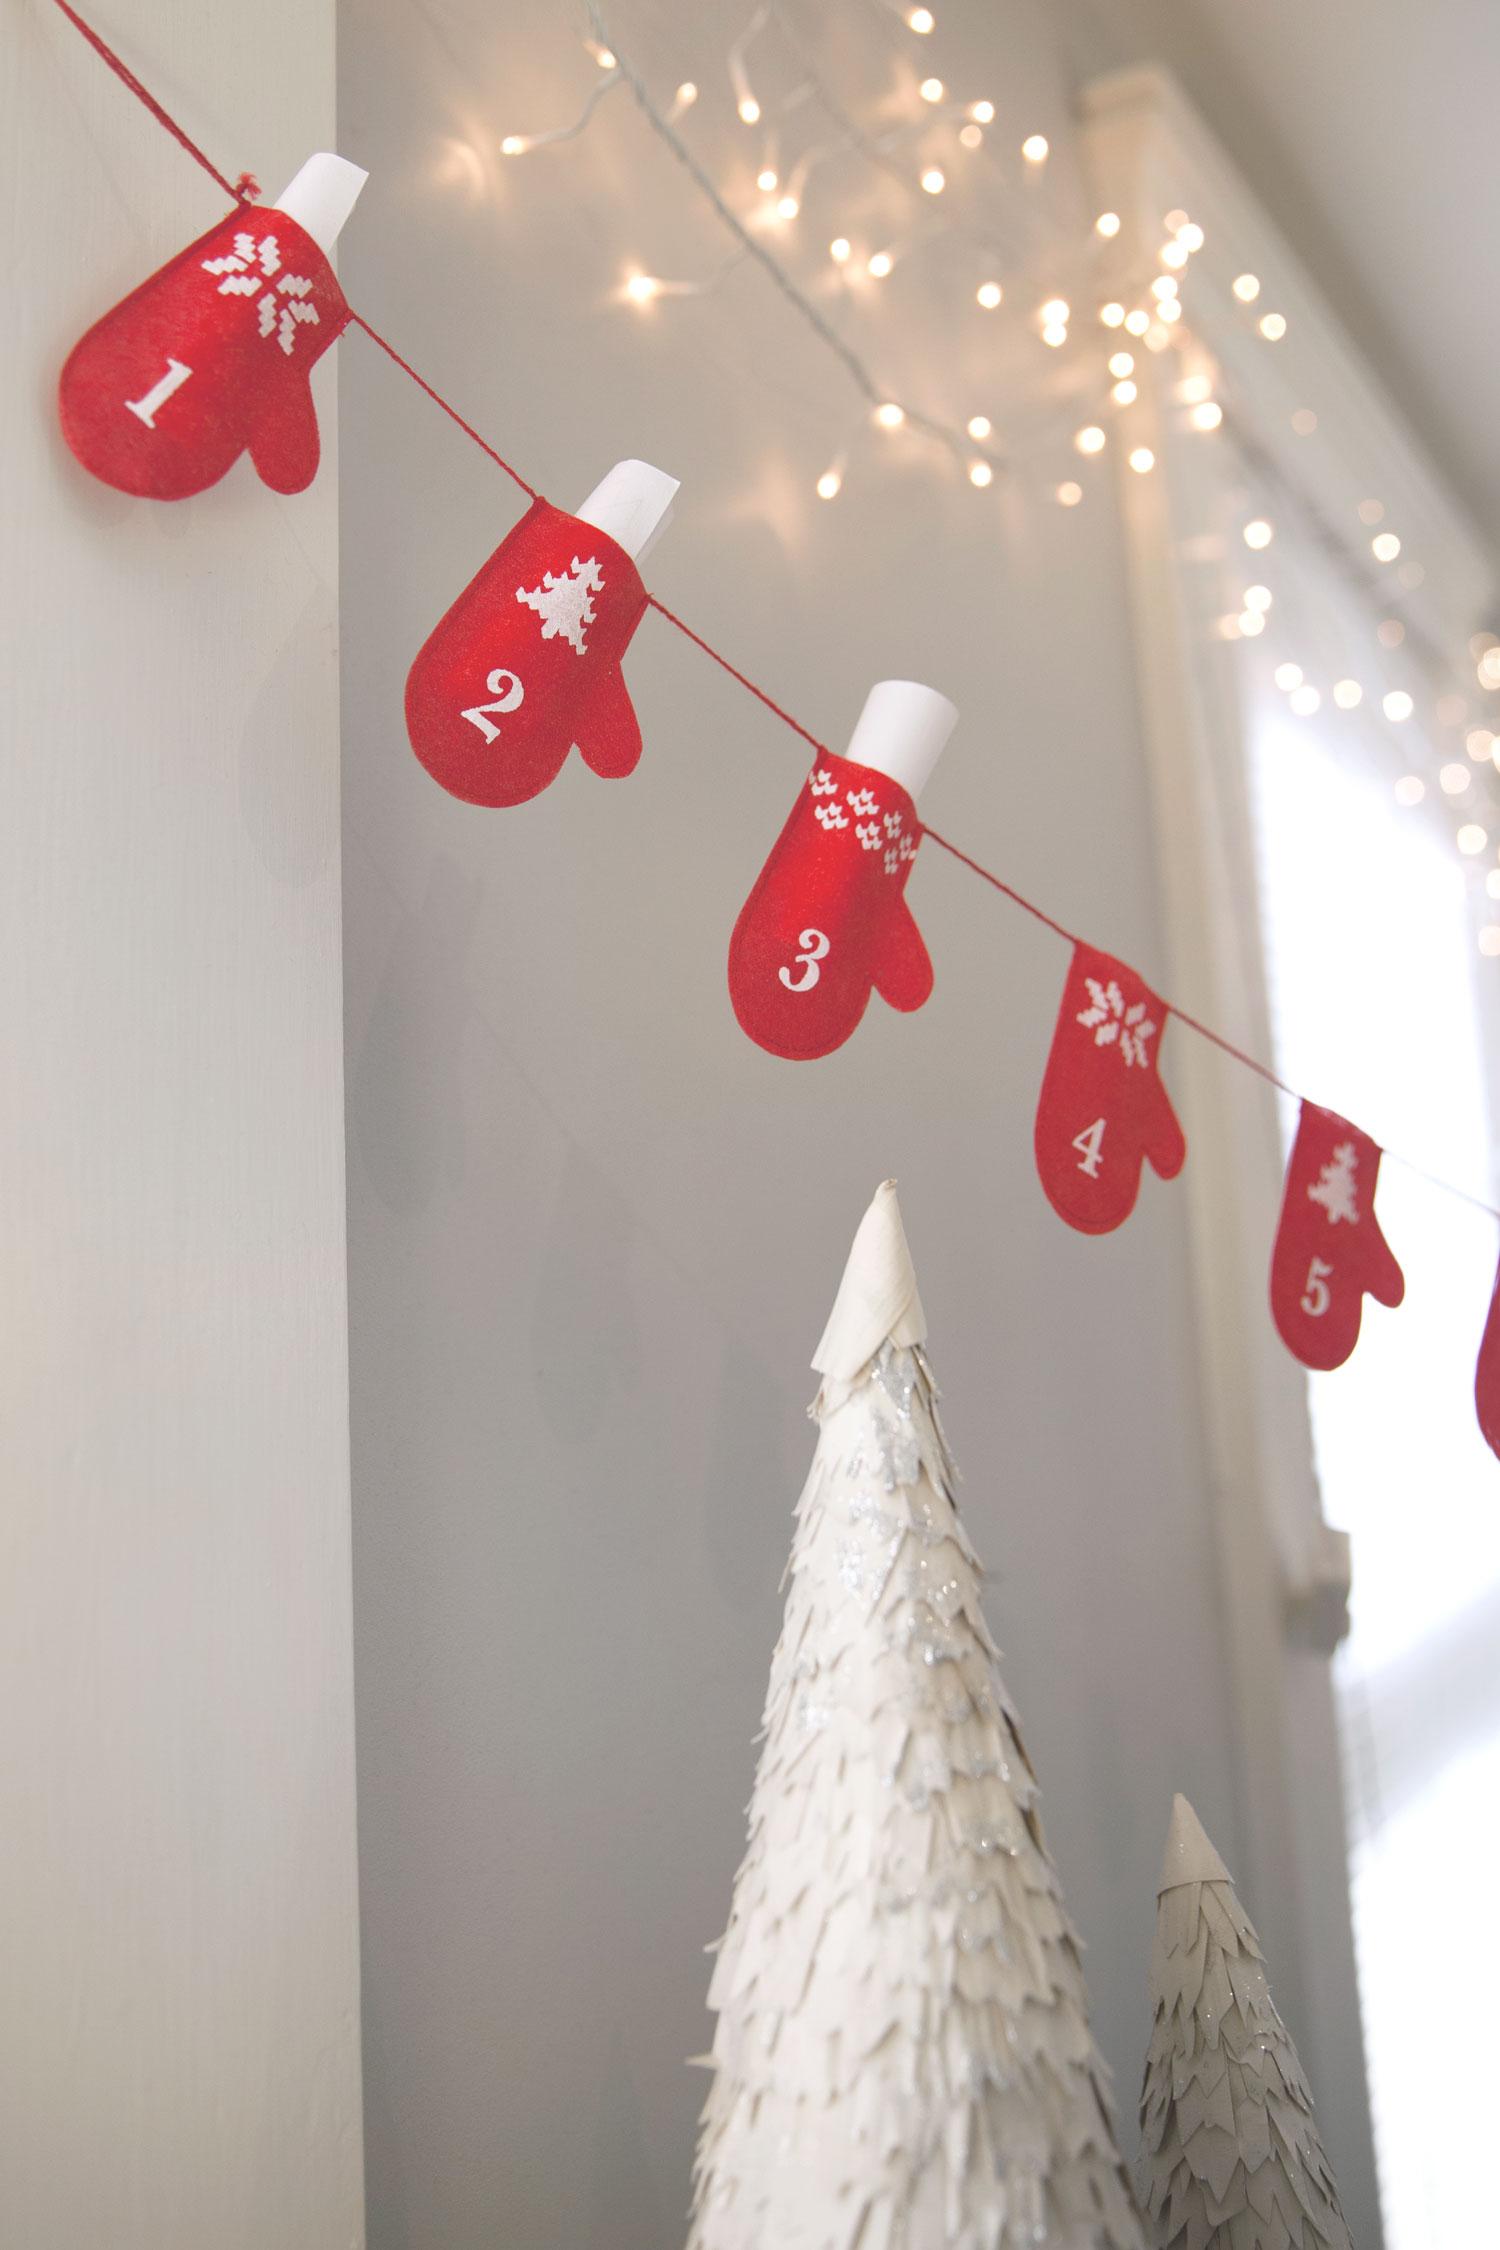 Fair Trade Christmas Decorations   Mitten Blessings Advent Calendar, handmade in Bangladesh   Ten Thousand Villages #LiveLifeFair